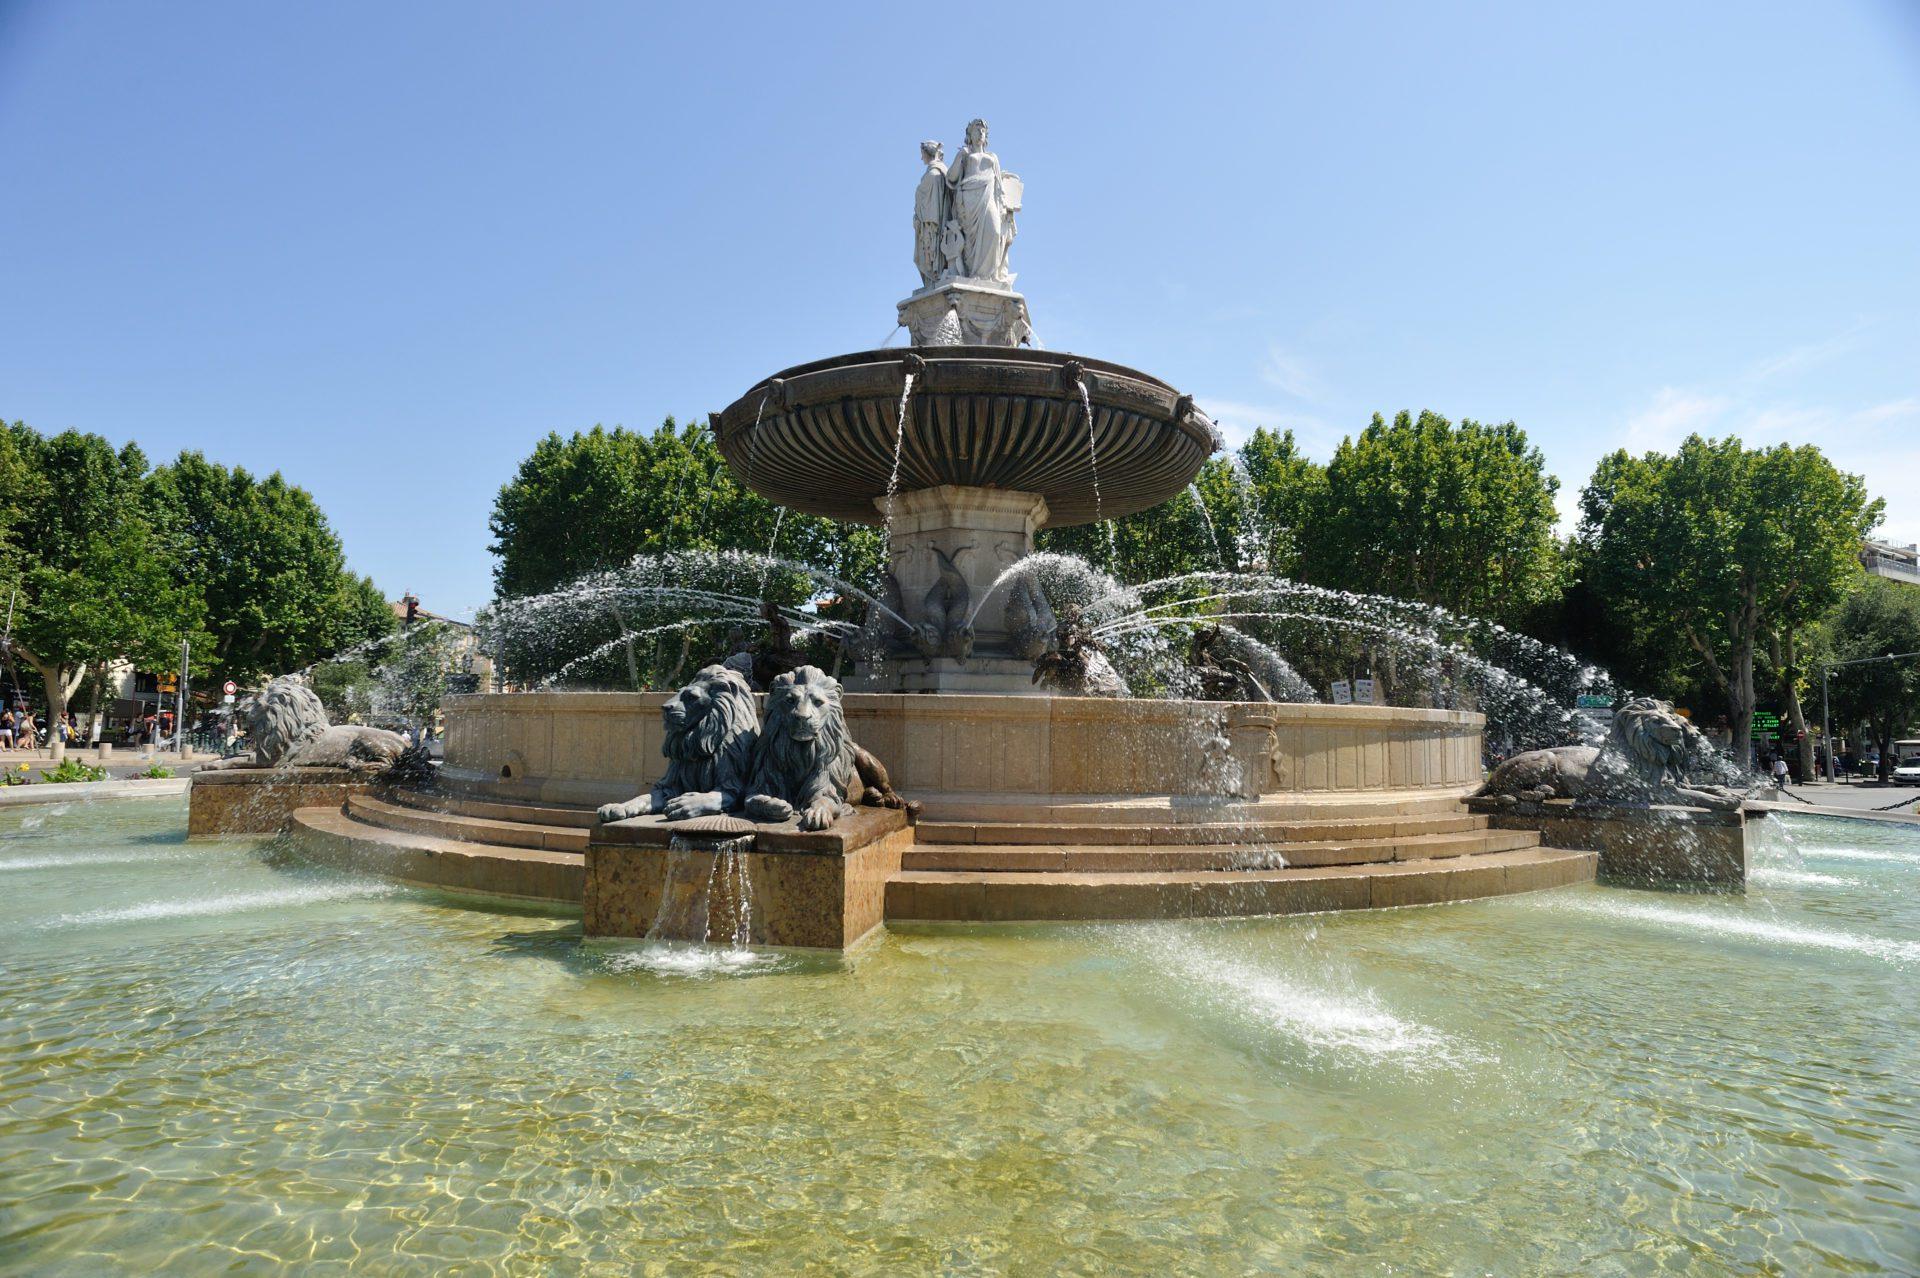 lieu rencontre gay à Aix en Provence